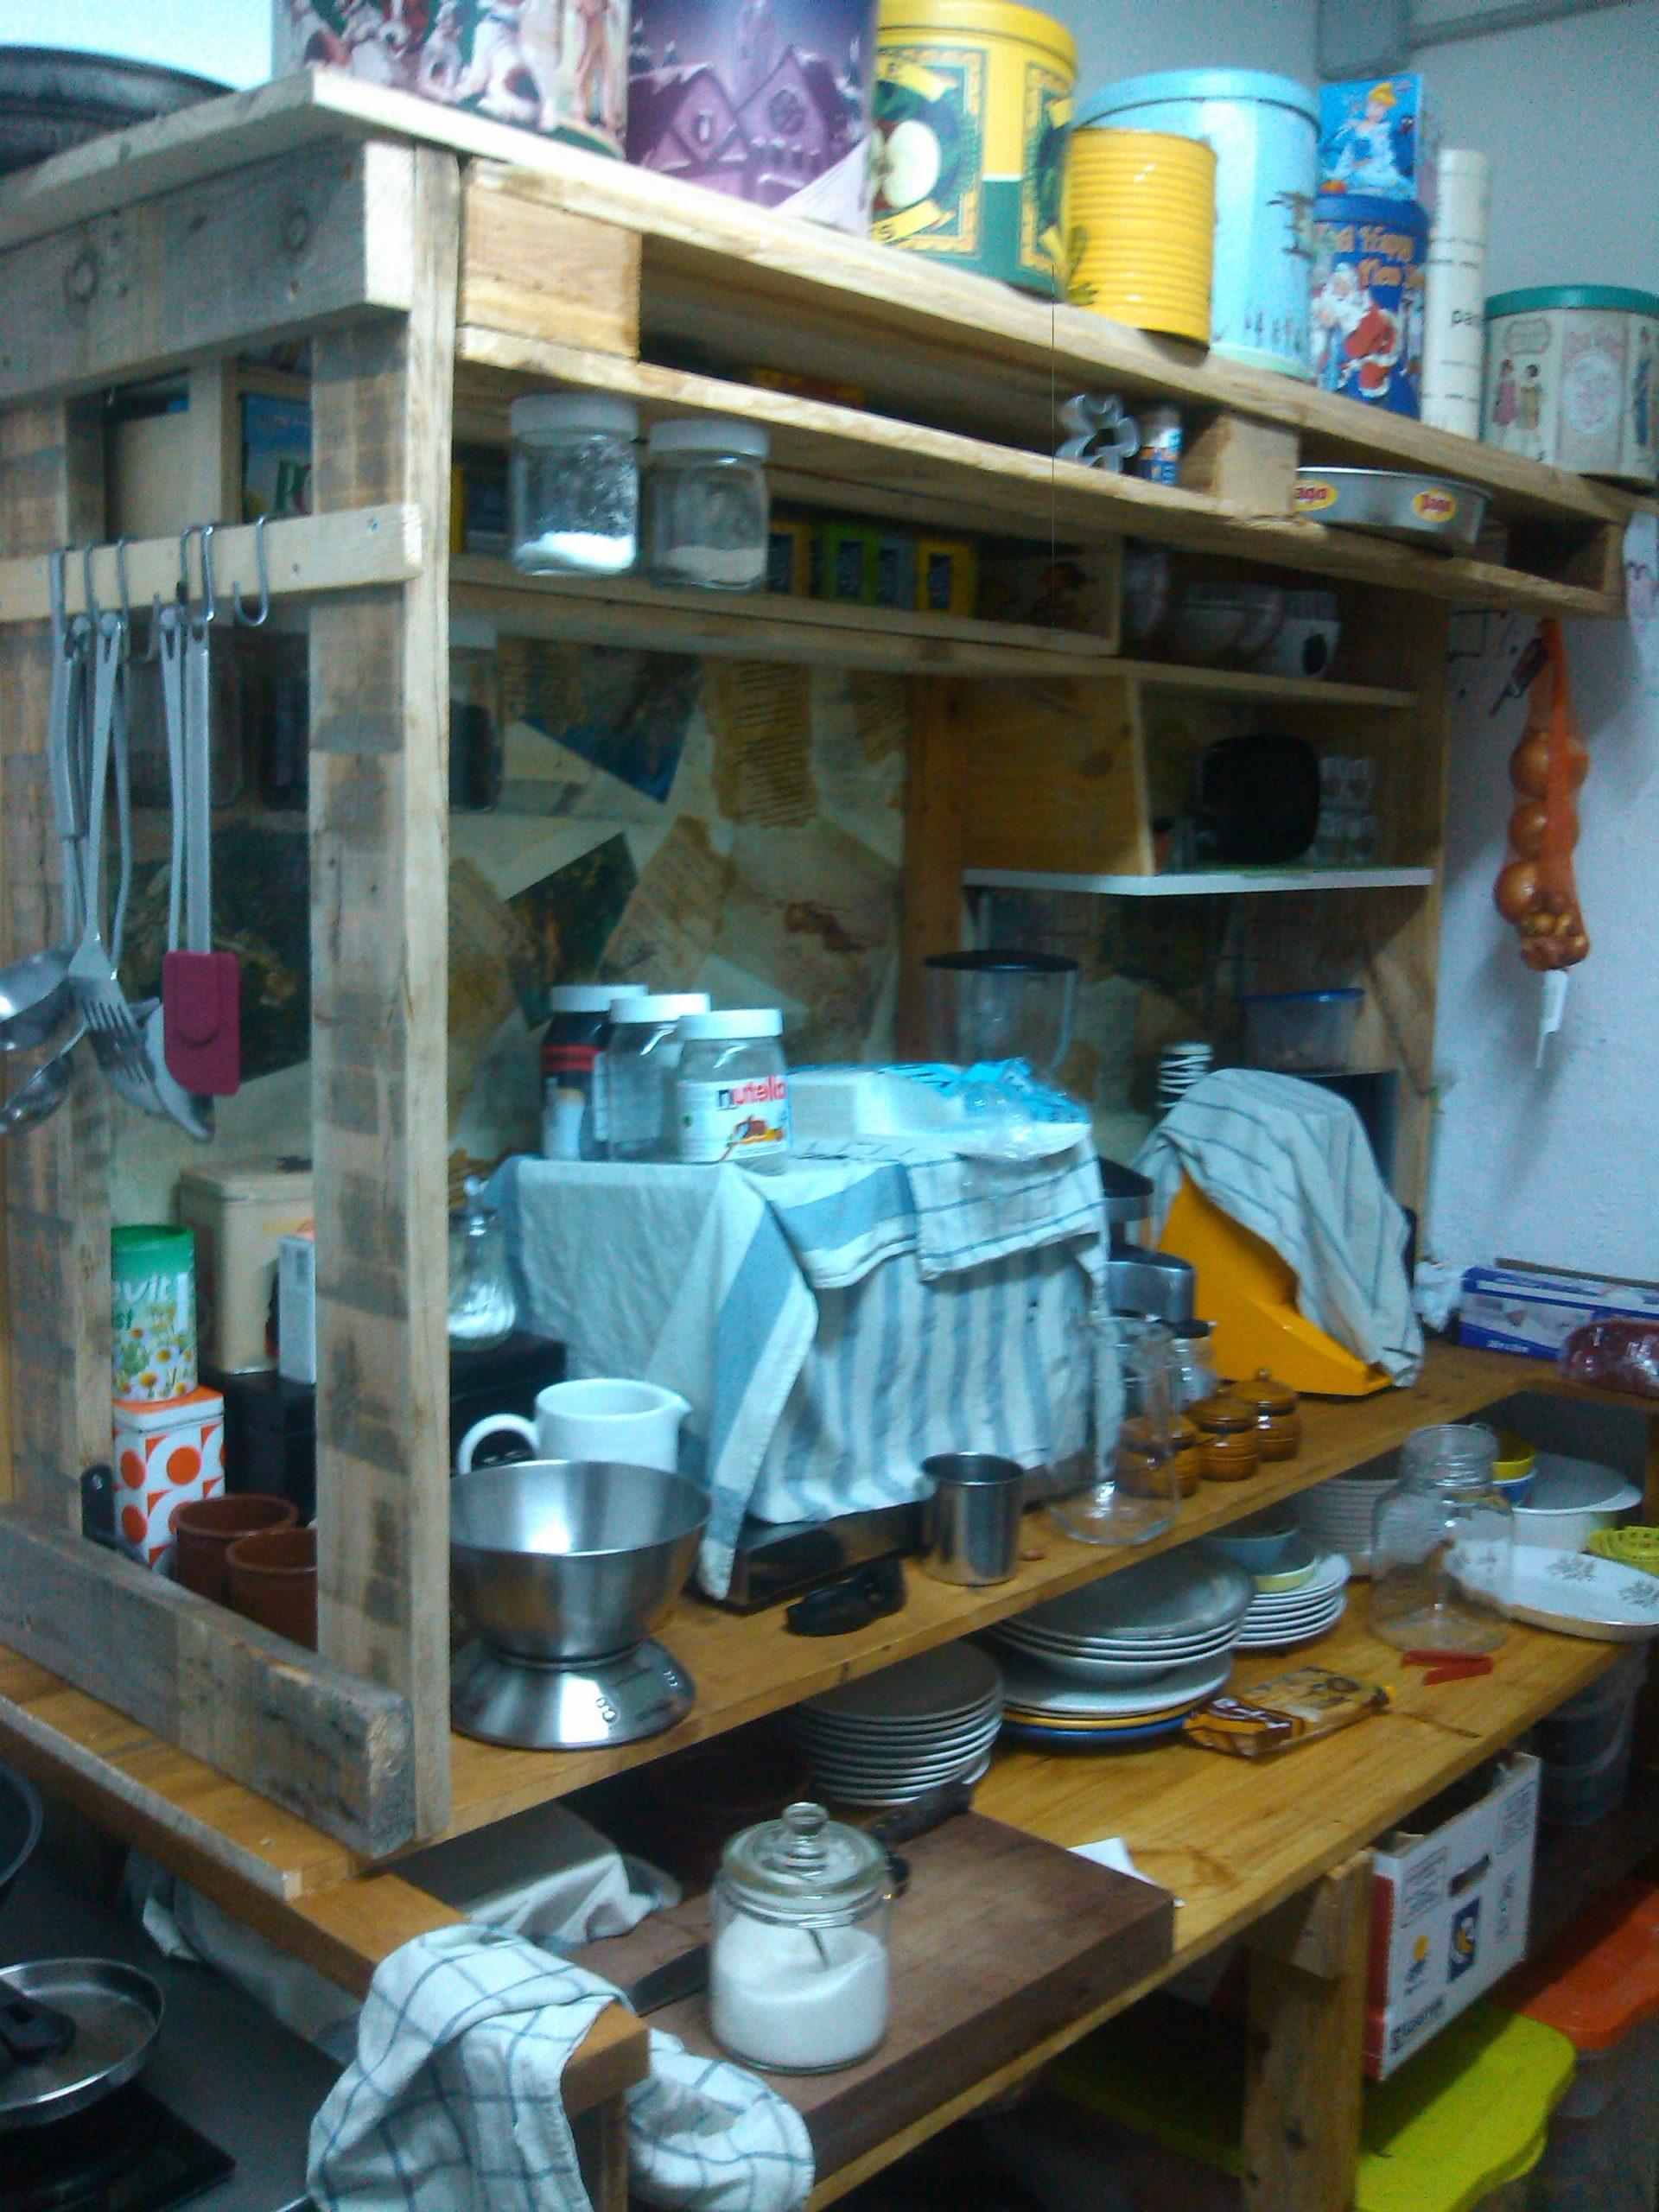 Full Size of Paletten Küche Kchenmbel Aus So Bauen Sie Selber Unterschrank Hängeschrank Glastüren Modulküche Ikea Was Kostet Eine Neue Ausstellungsküche Ohne Wohnzimmer Paletten Küche